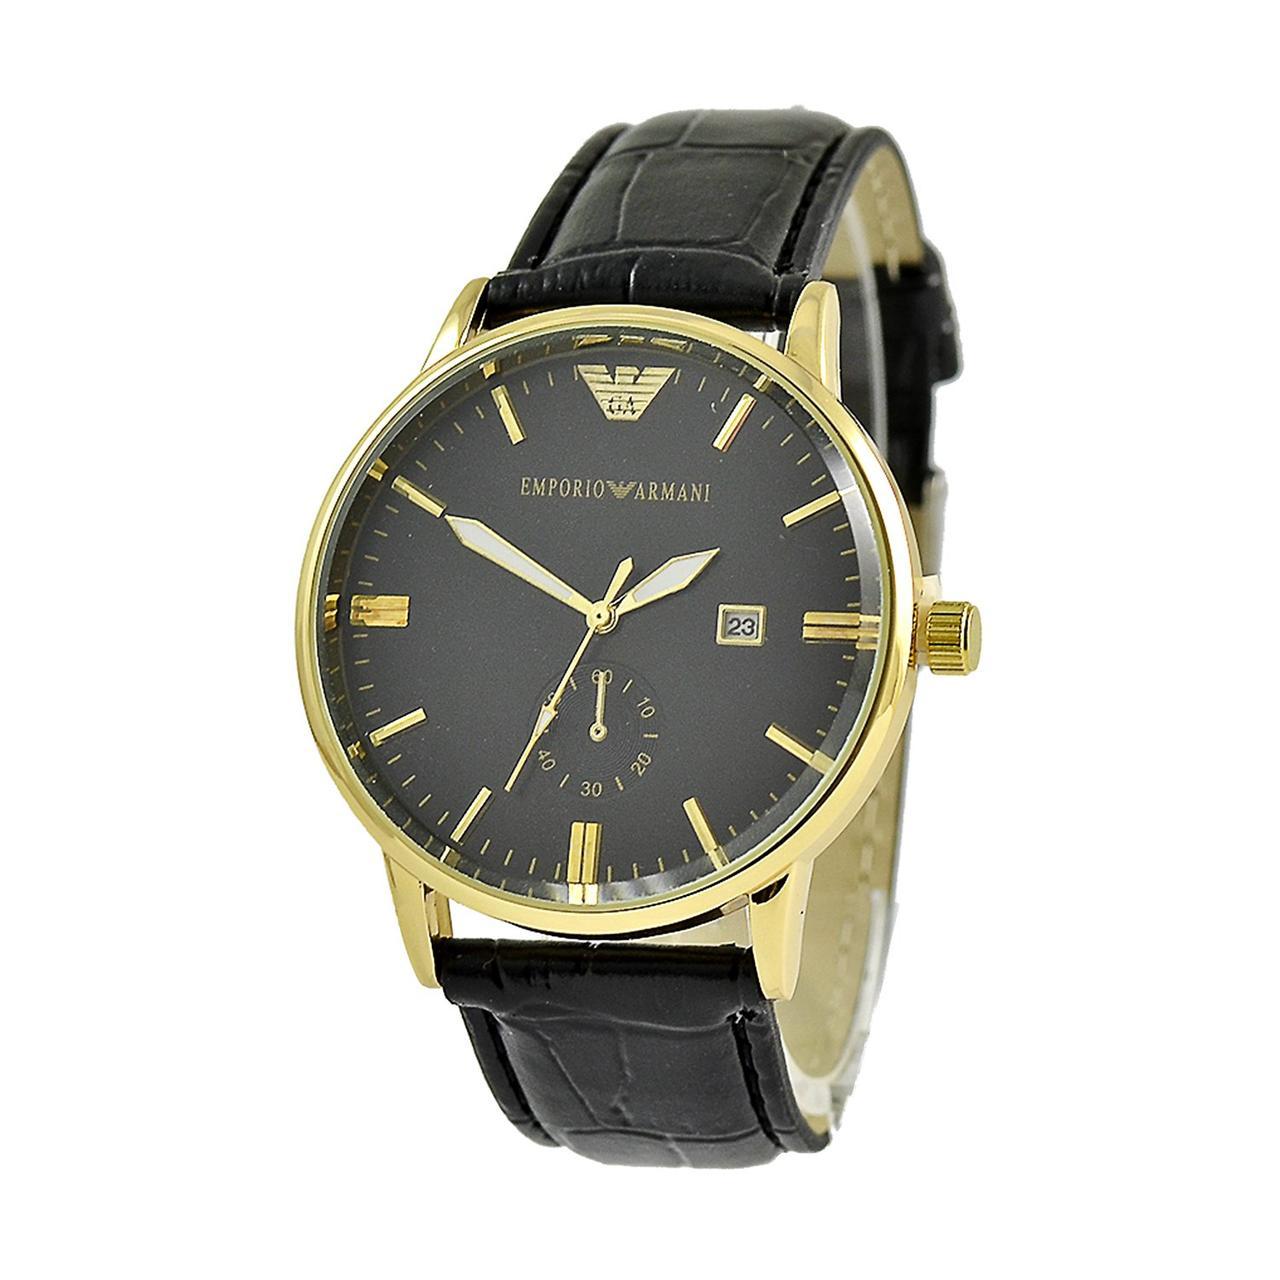 Наручные мужские часы Emporio Armani Quartz 4297 Black-Gold-Black